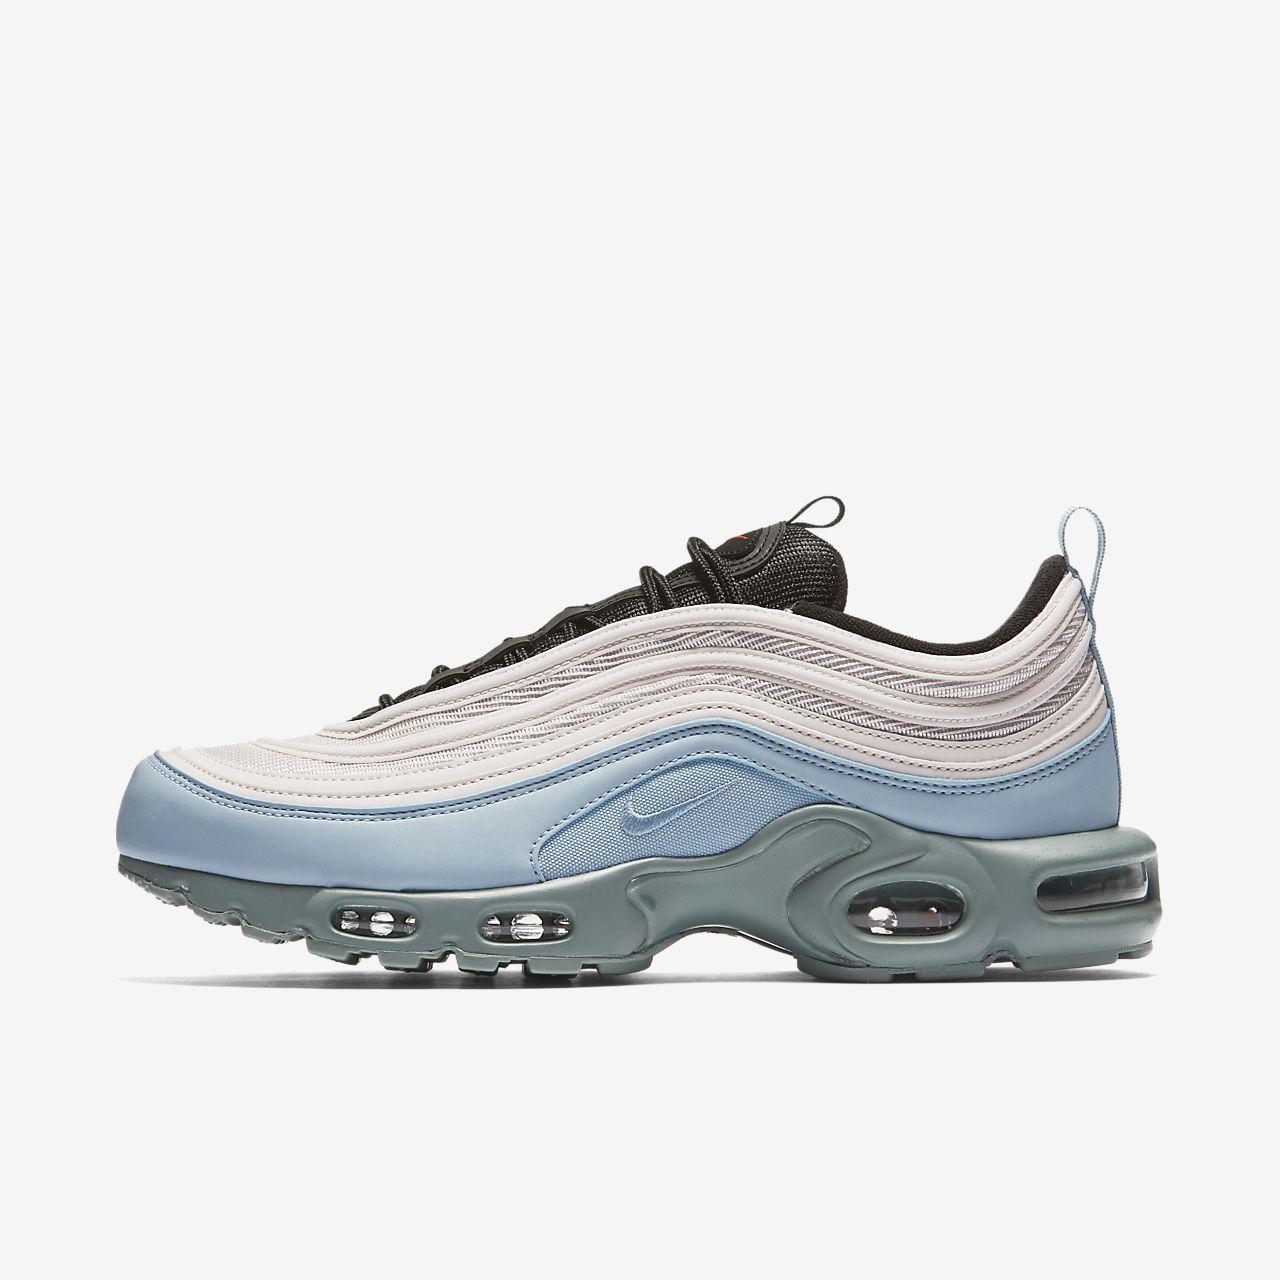 รองเท้าผู้ชาย Nike Air Max Plus 97